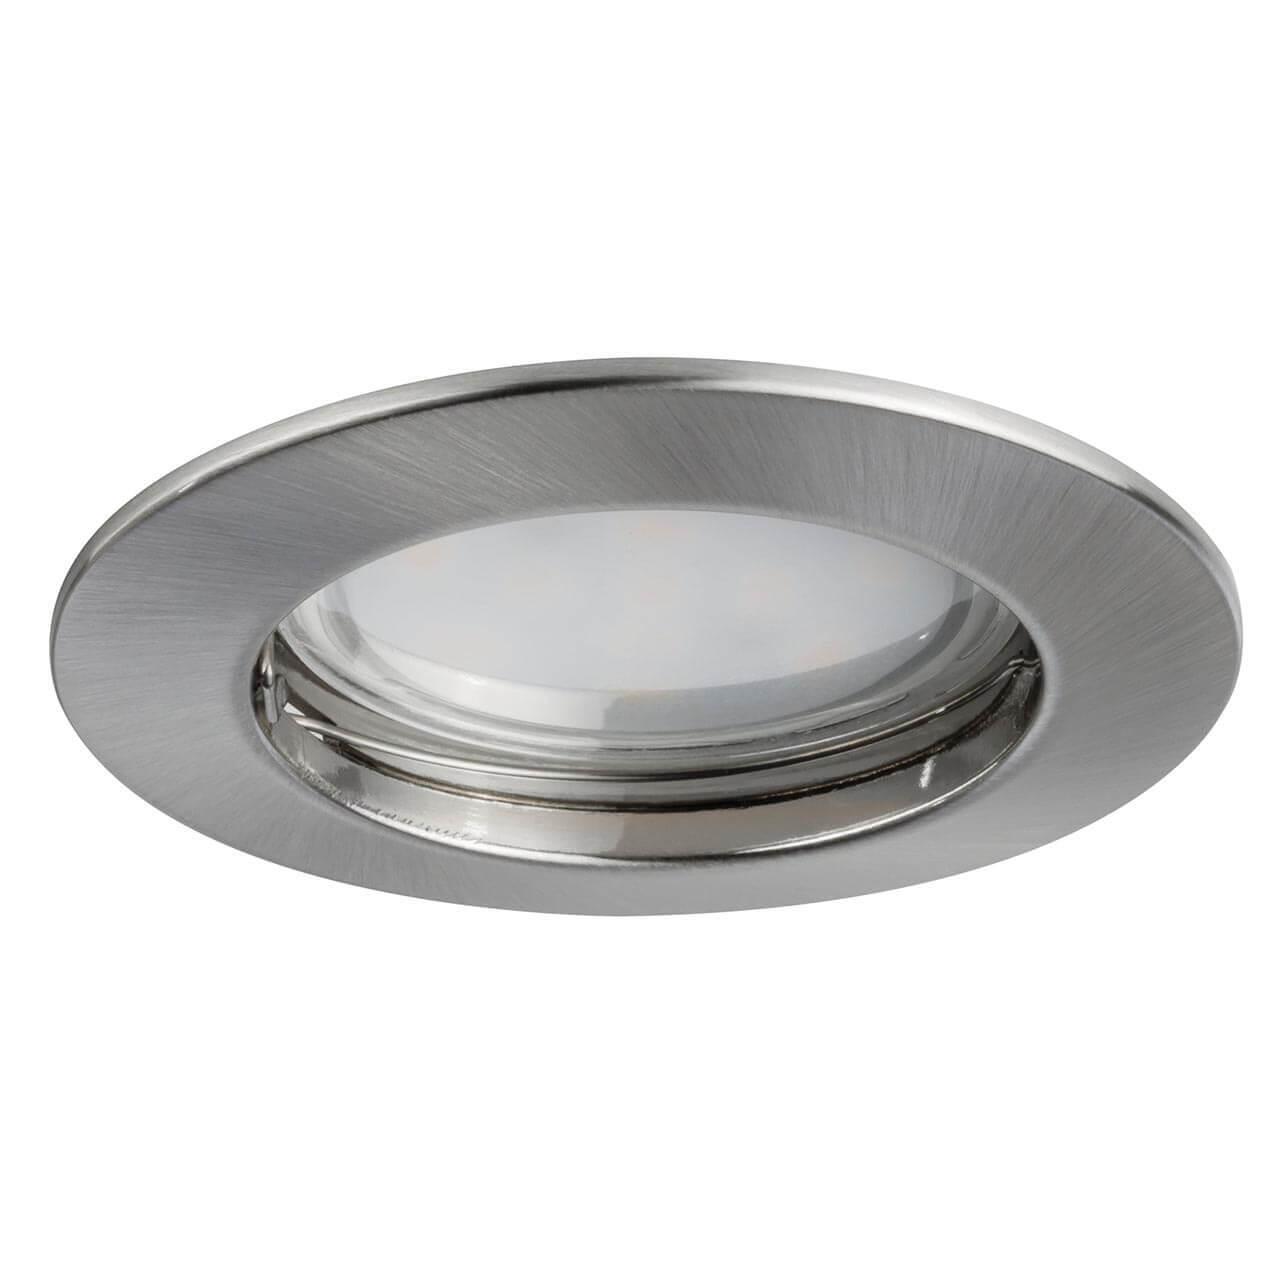 Встраиваемый светодиодный светильник Paulmann Coin 93958 цены